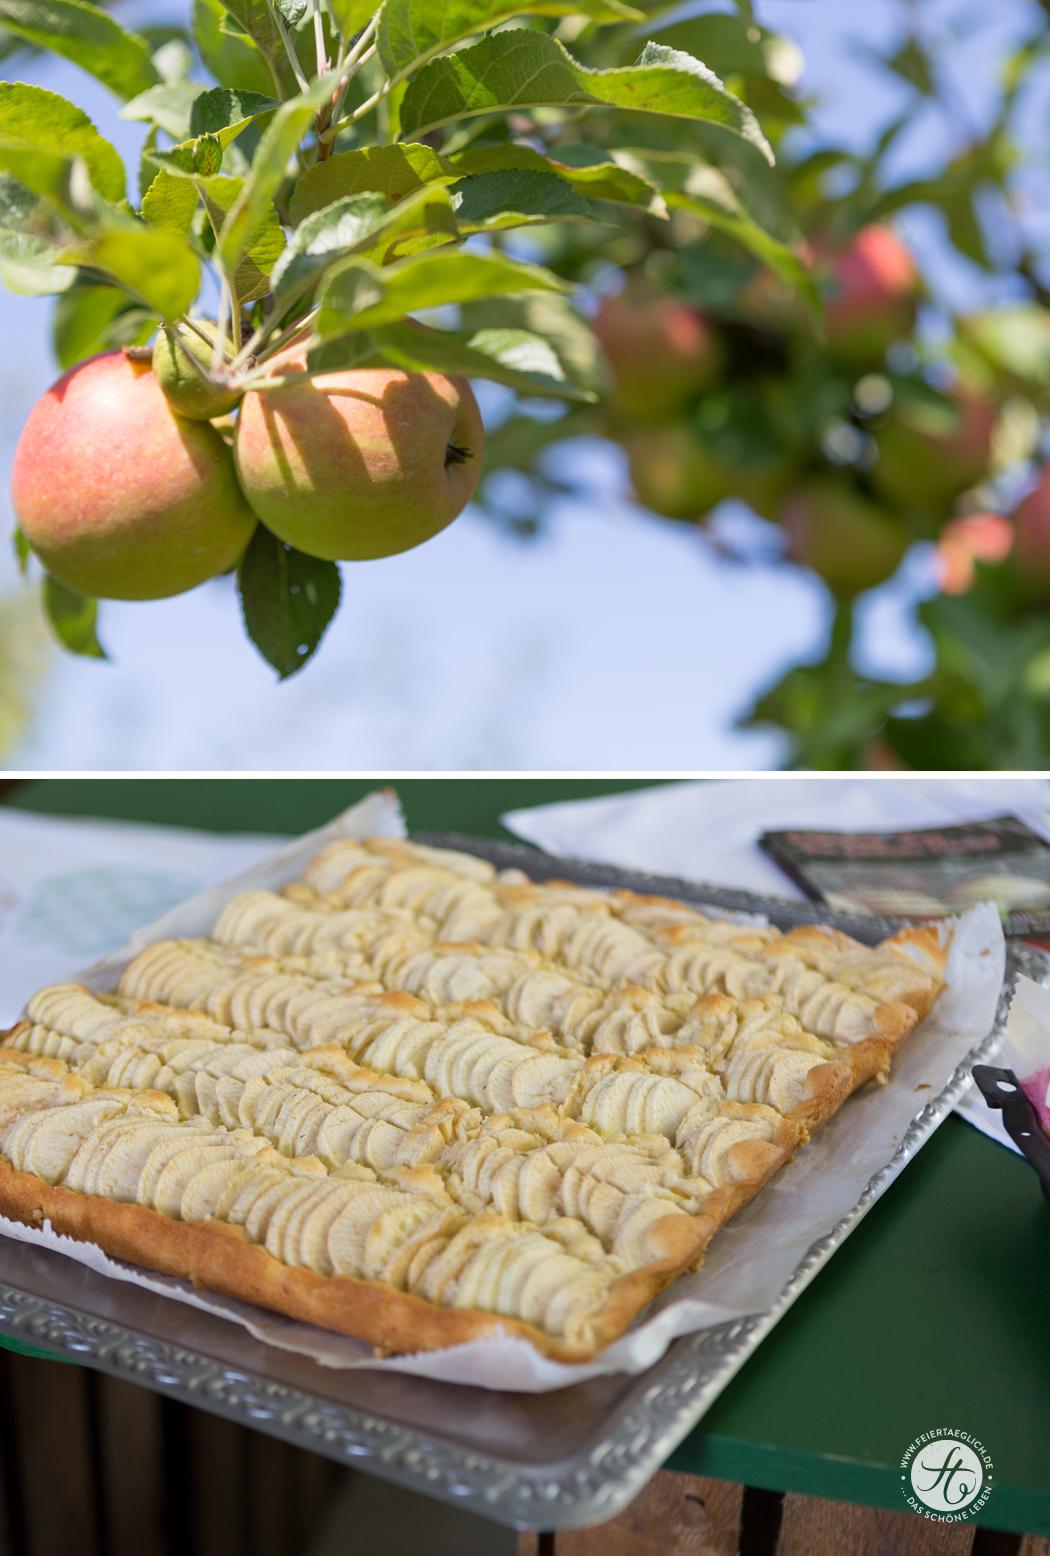 Blogevent-Apfelbaeckchen_ObsthofBey_kuchen